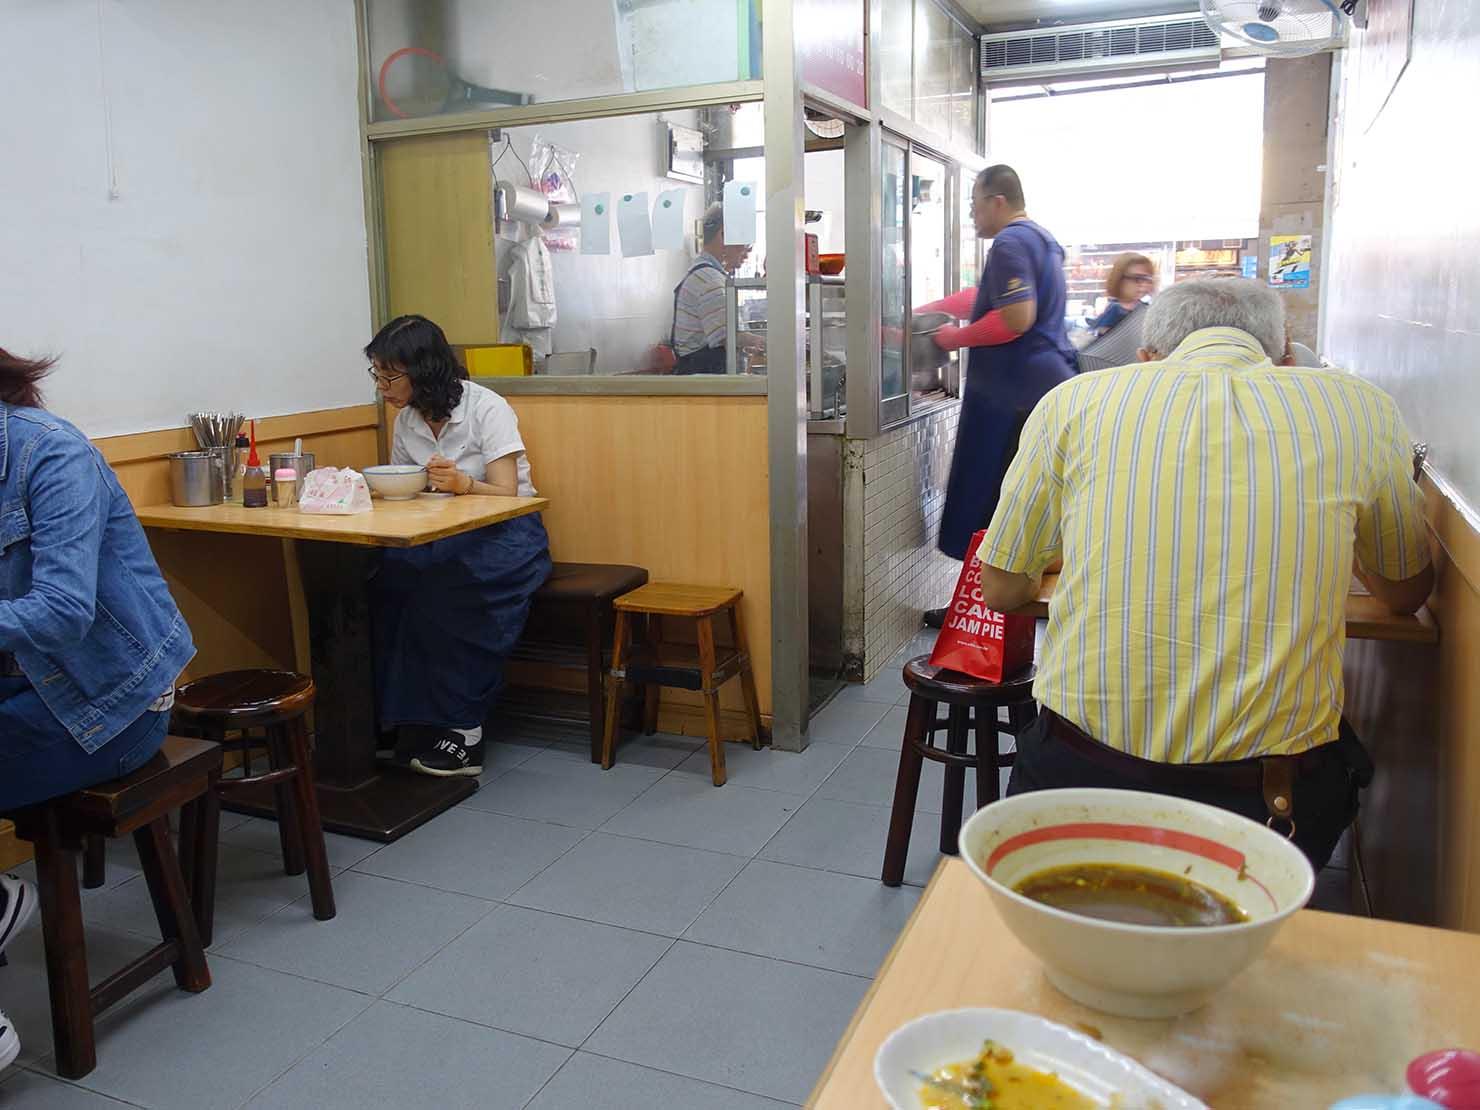 台北・忠孝新生駅周辺のおすすめグルメ店「濟南牛肉麵」の店内